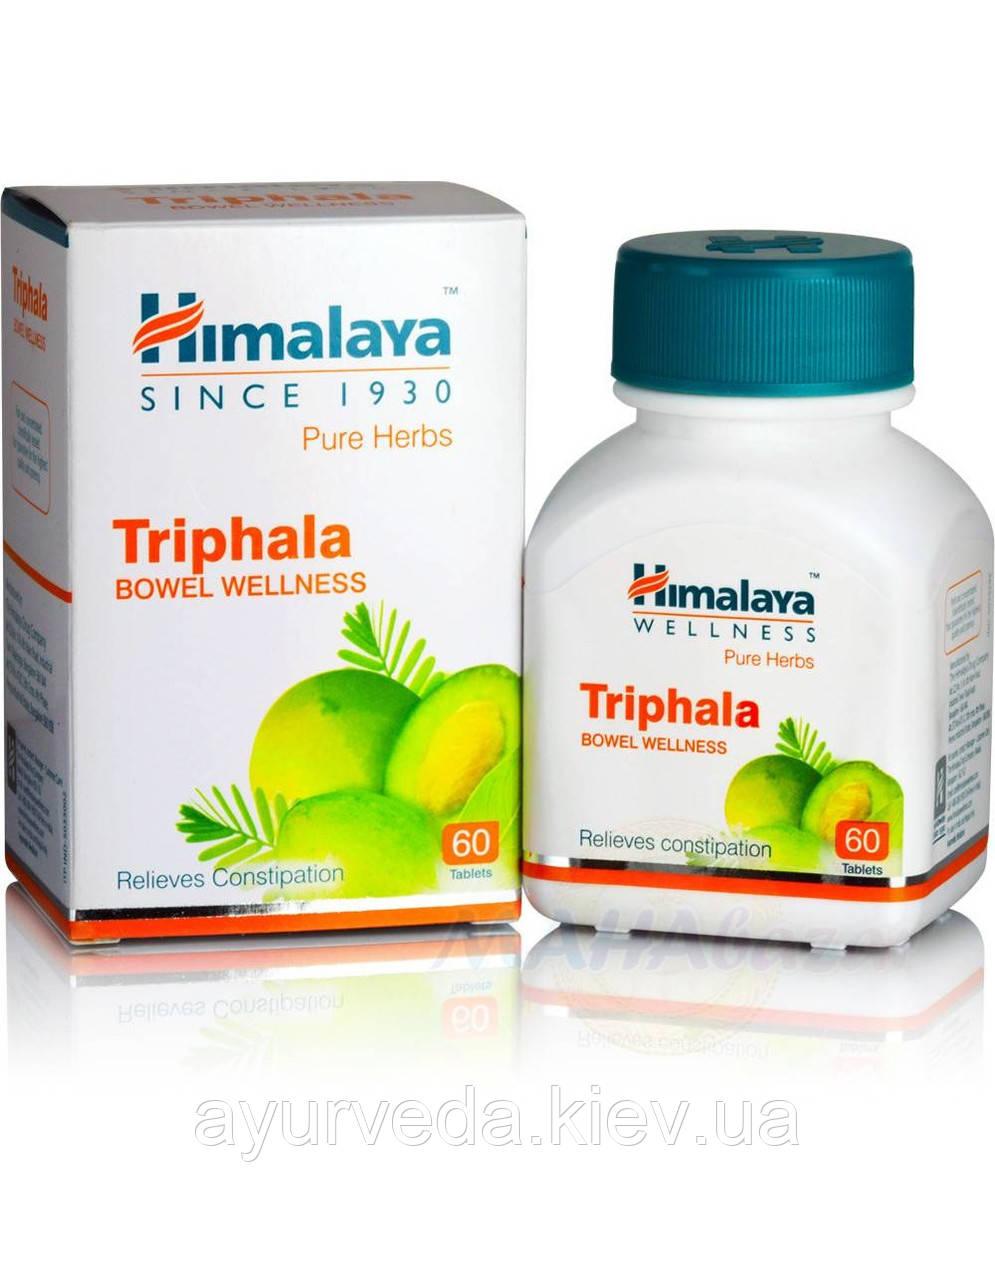 Трифала для очищения от шлаков и токсинов, нарушения пищеварения, диспепсия, гастропарез, запор, Triphala